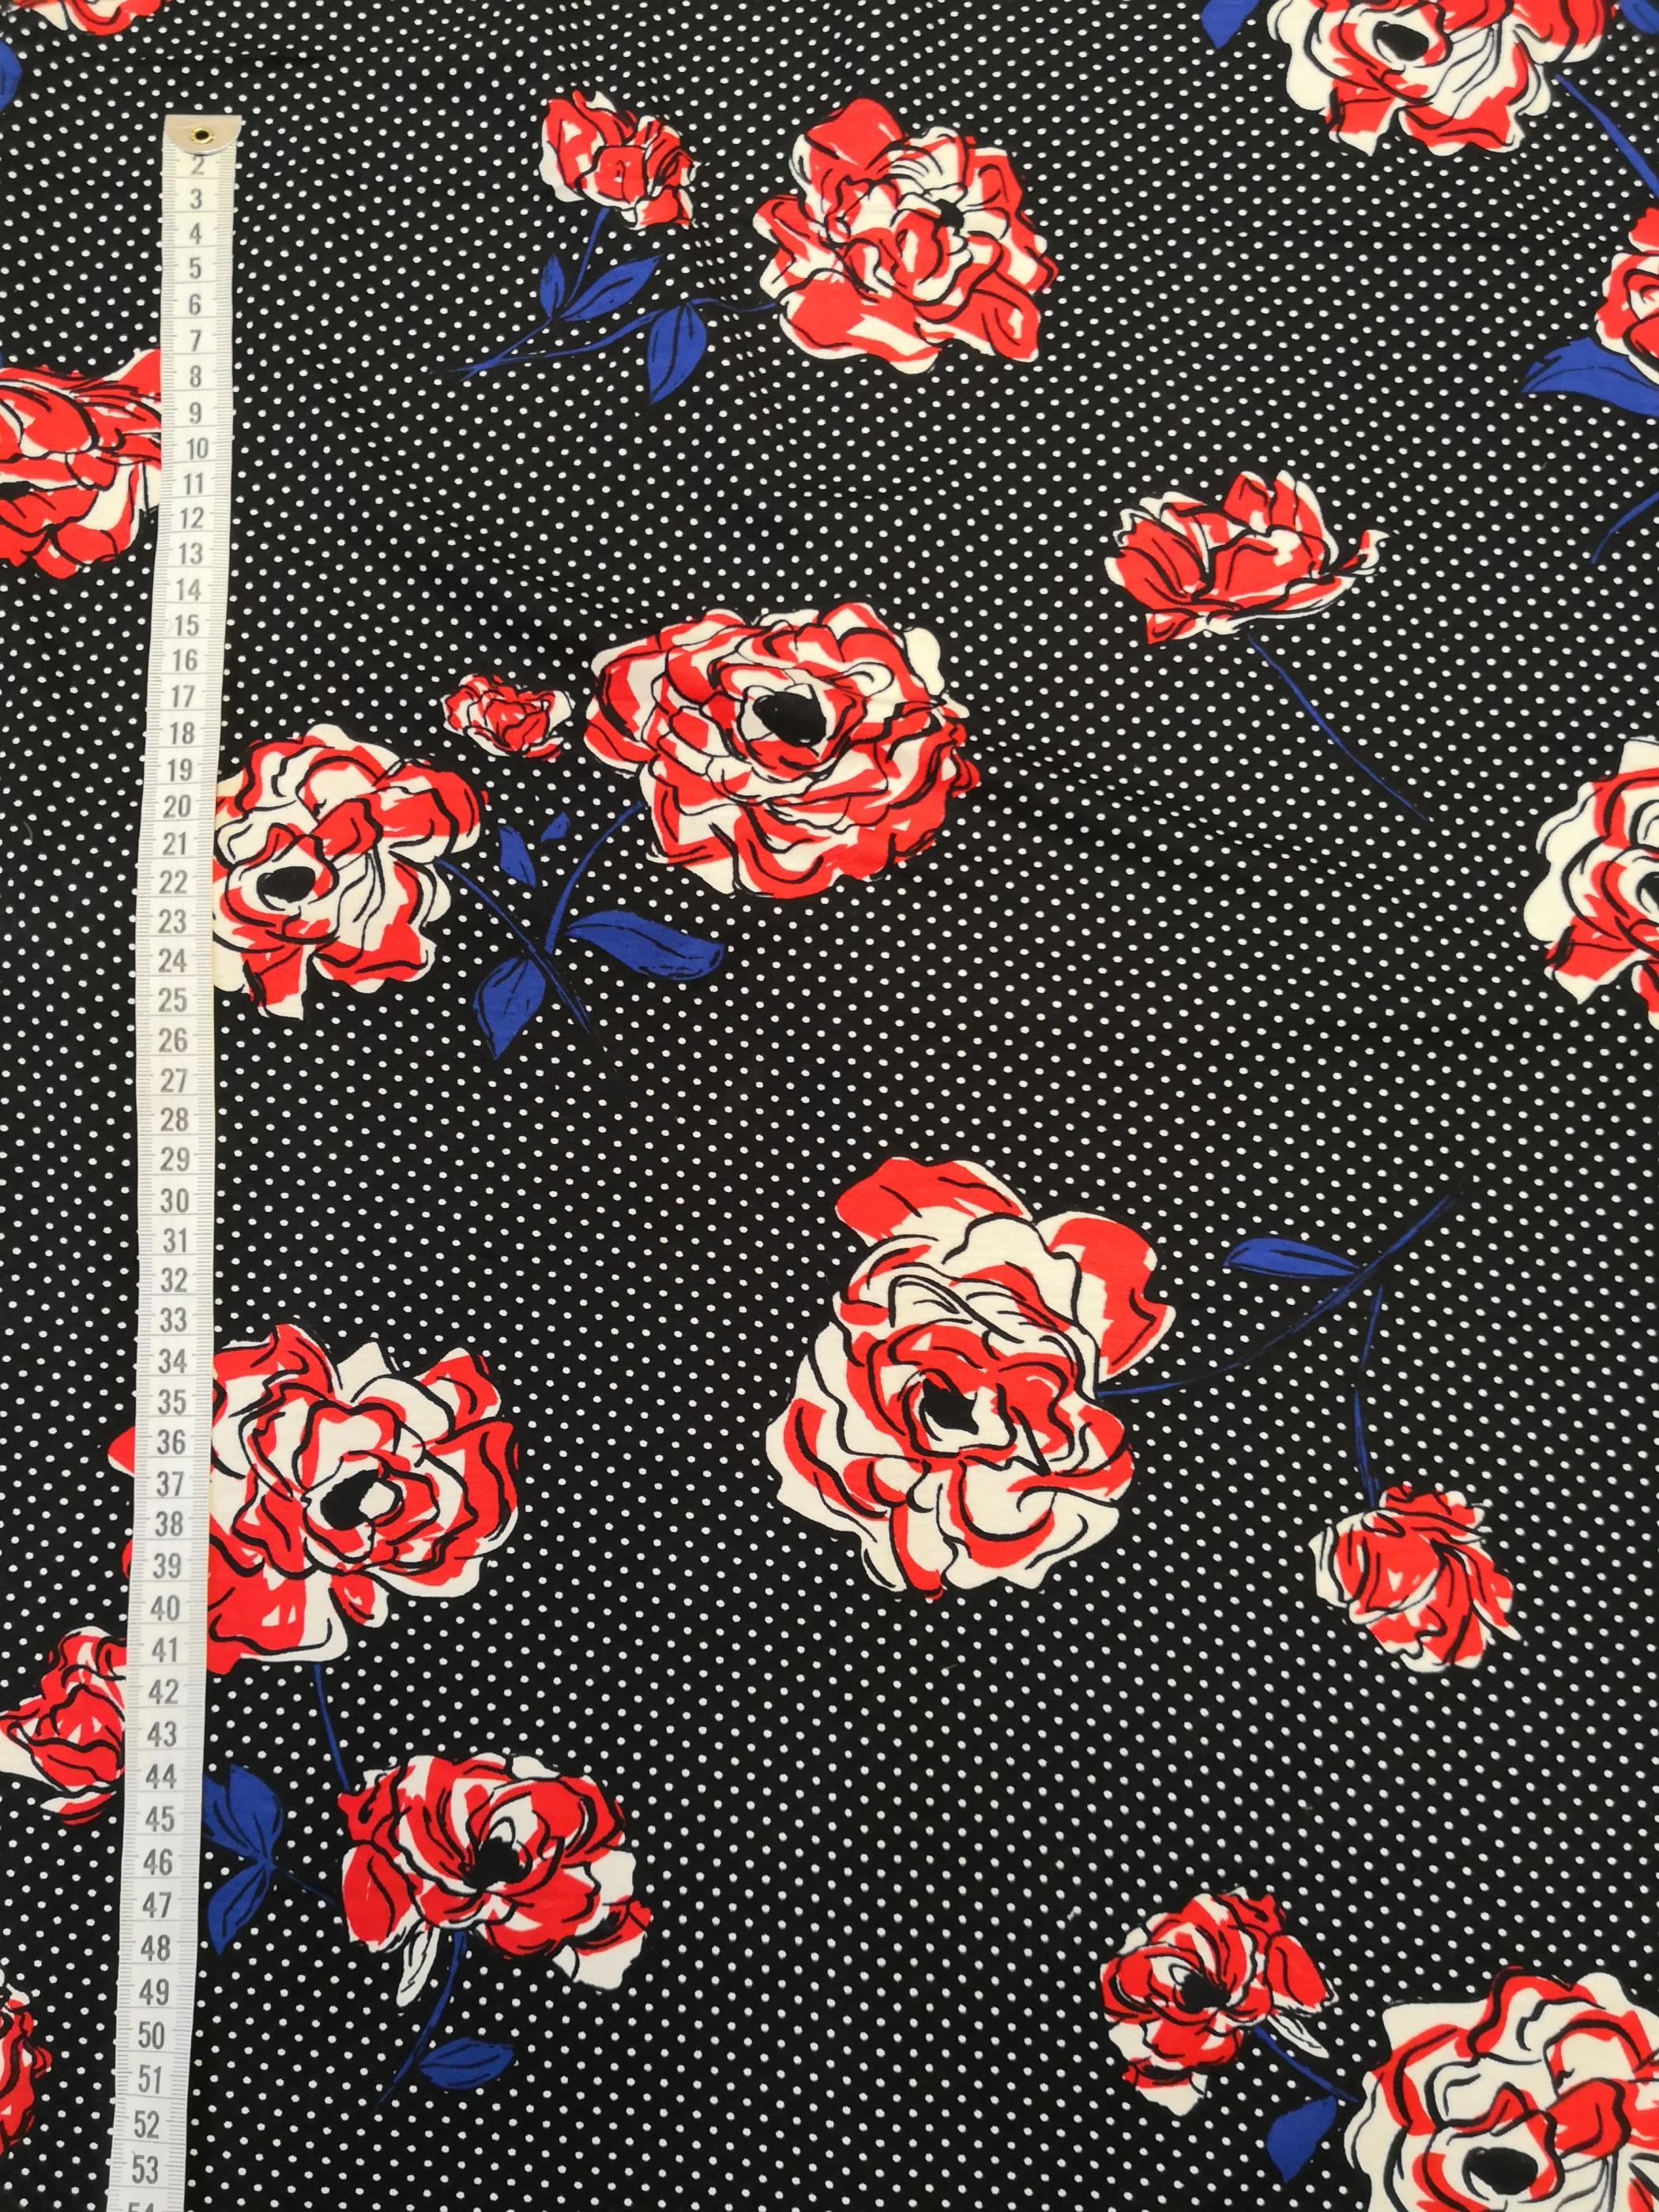 blommor på prickig botten, tyglust, tyg, trikå, mode, sy, sömnad, textil design, metervara, tygaffär